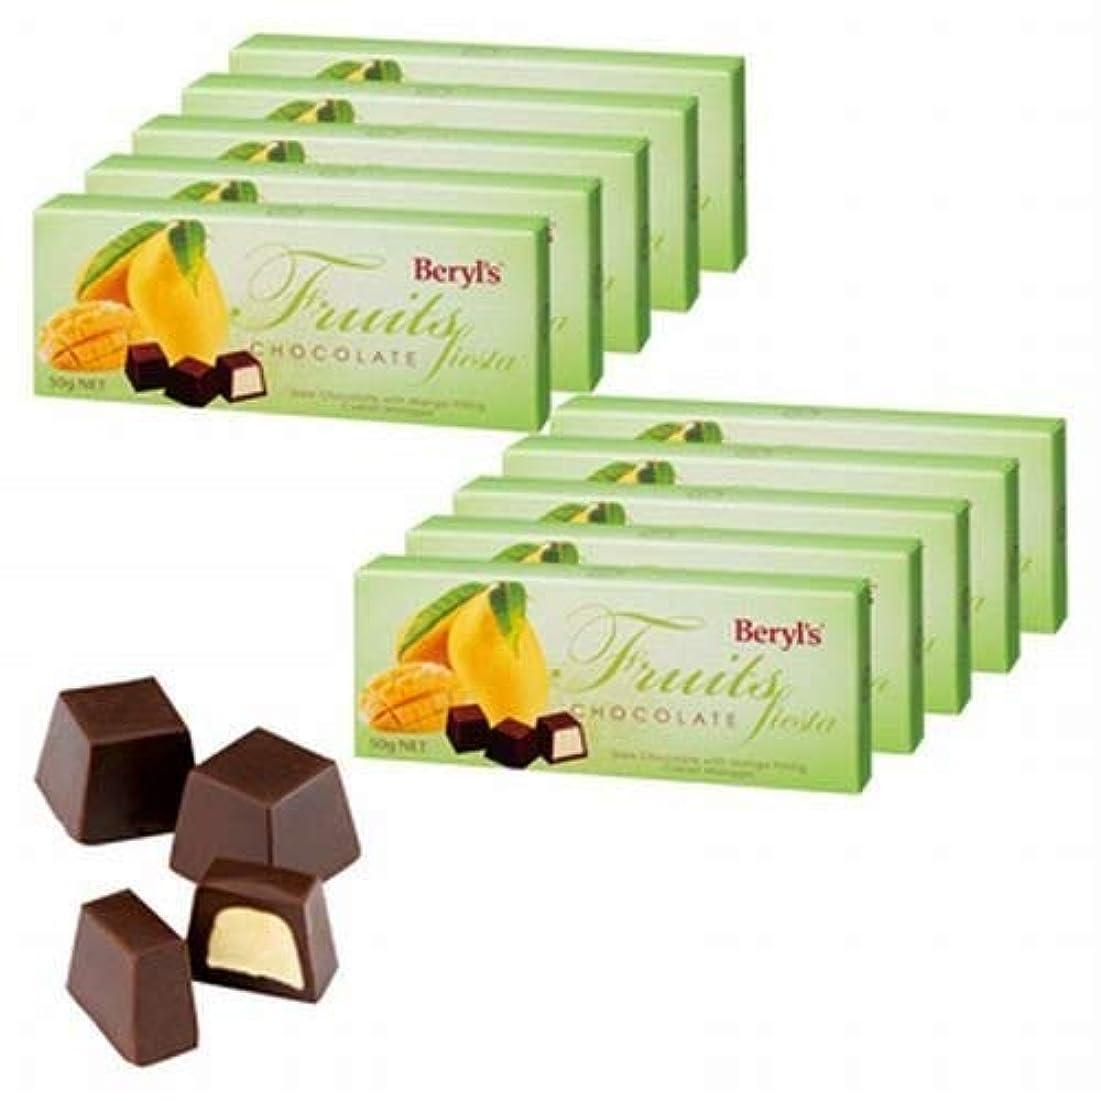 三十追放する後継ベリーズ(Beryl's) マンゴー チョコレート 10箱セット【マレーシア 海外土産 輸入食品 スイーツ】